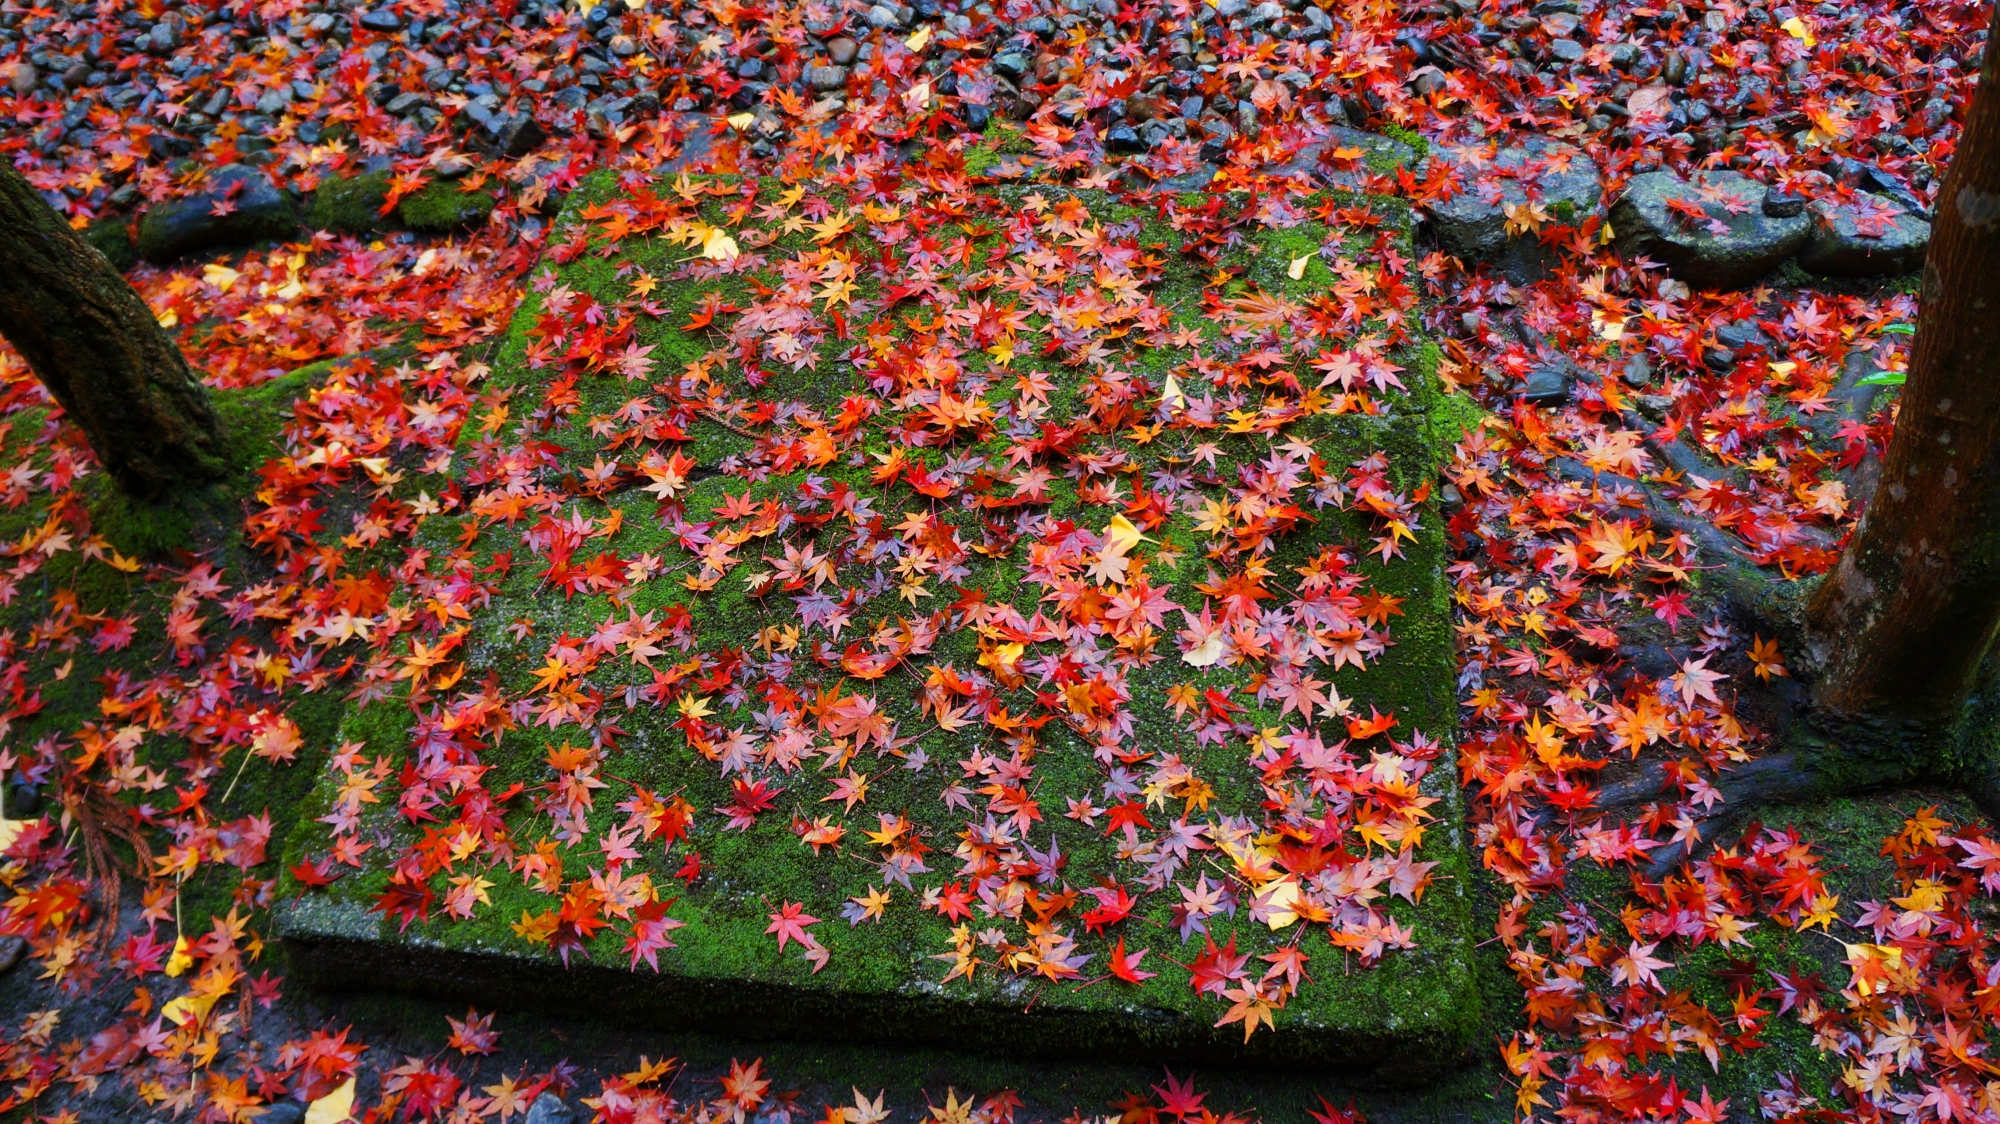 栖賢寺の素晴らしい紅葉と情景